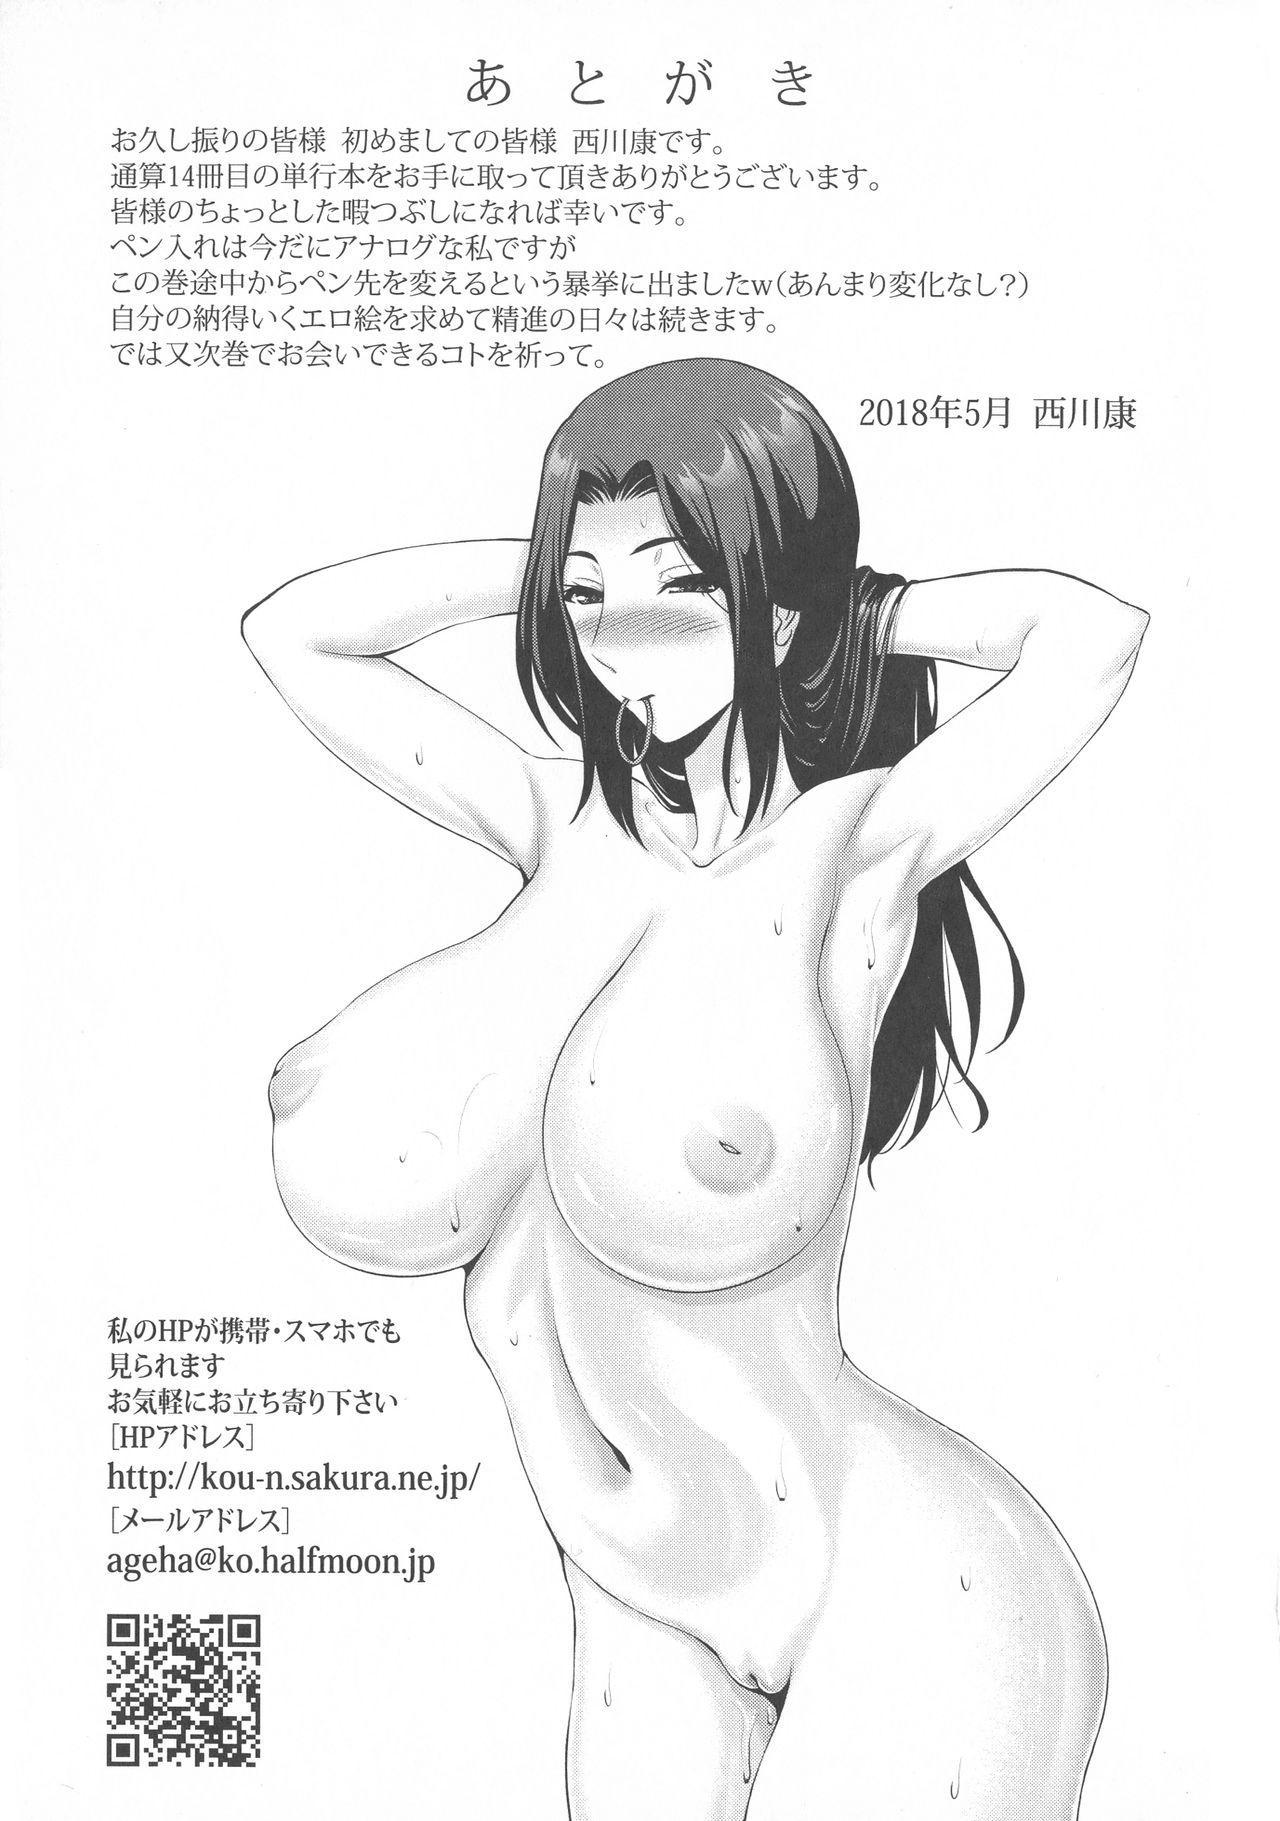 Tomodachi no Haha wa Boku no Mono - His Mother is My Love Hole 253